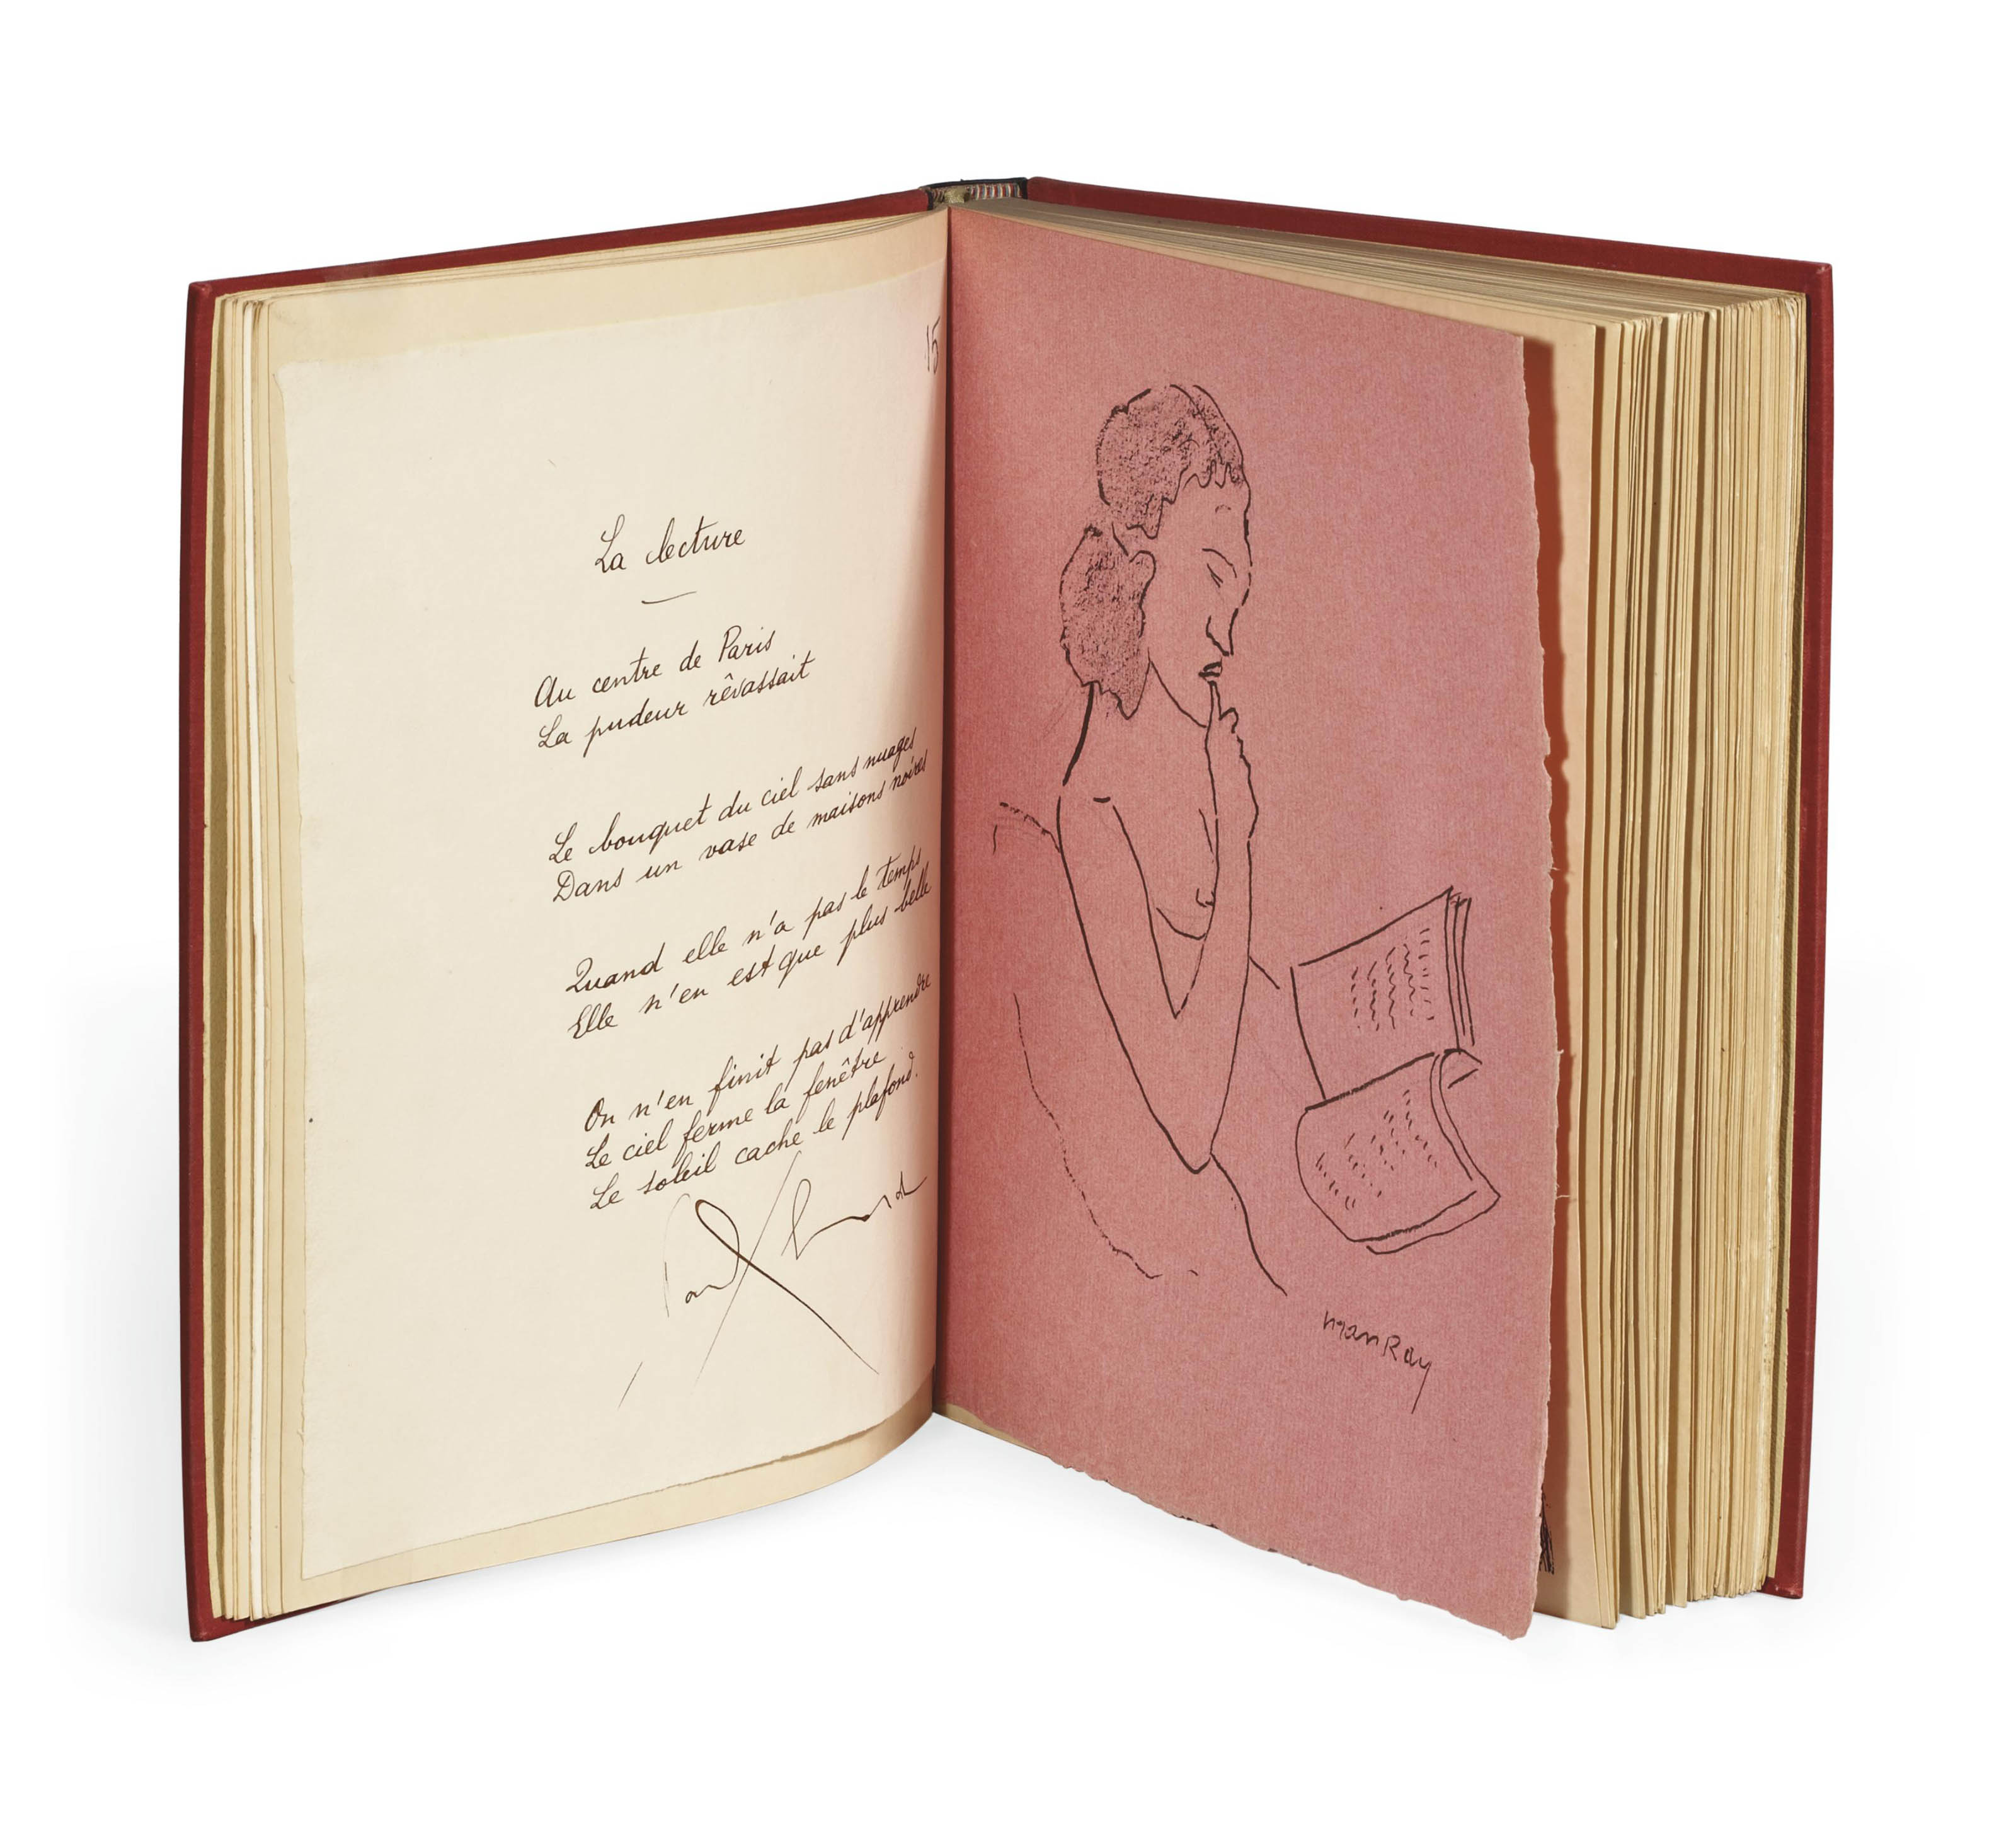 MAN RAY (1890-1976). Les Mains libres. Dessins illustrés par les poèmes de Paul Éluard. Paris: Jeanne Bucher, 1937.